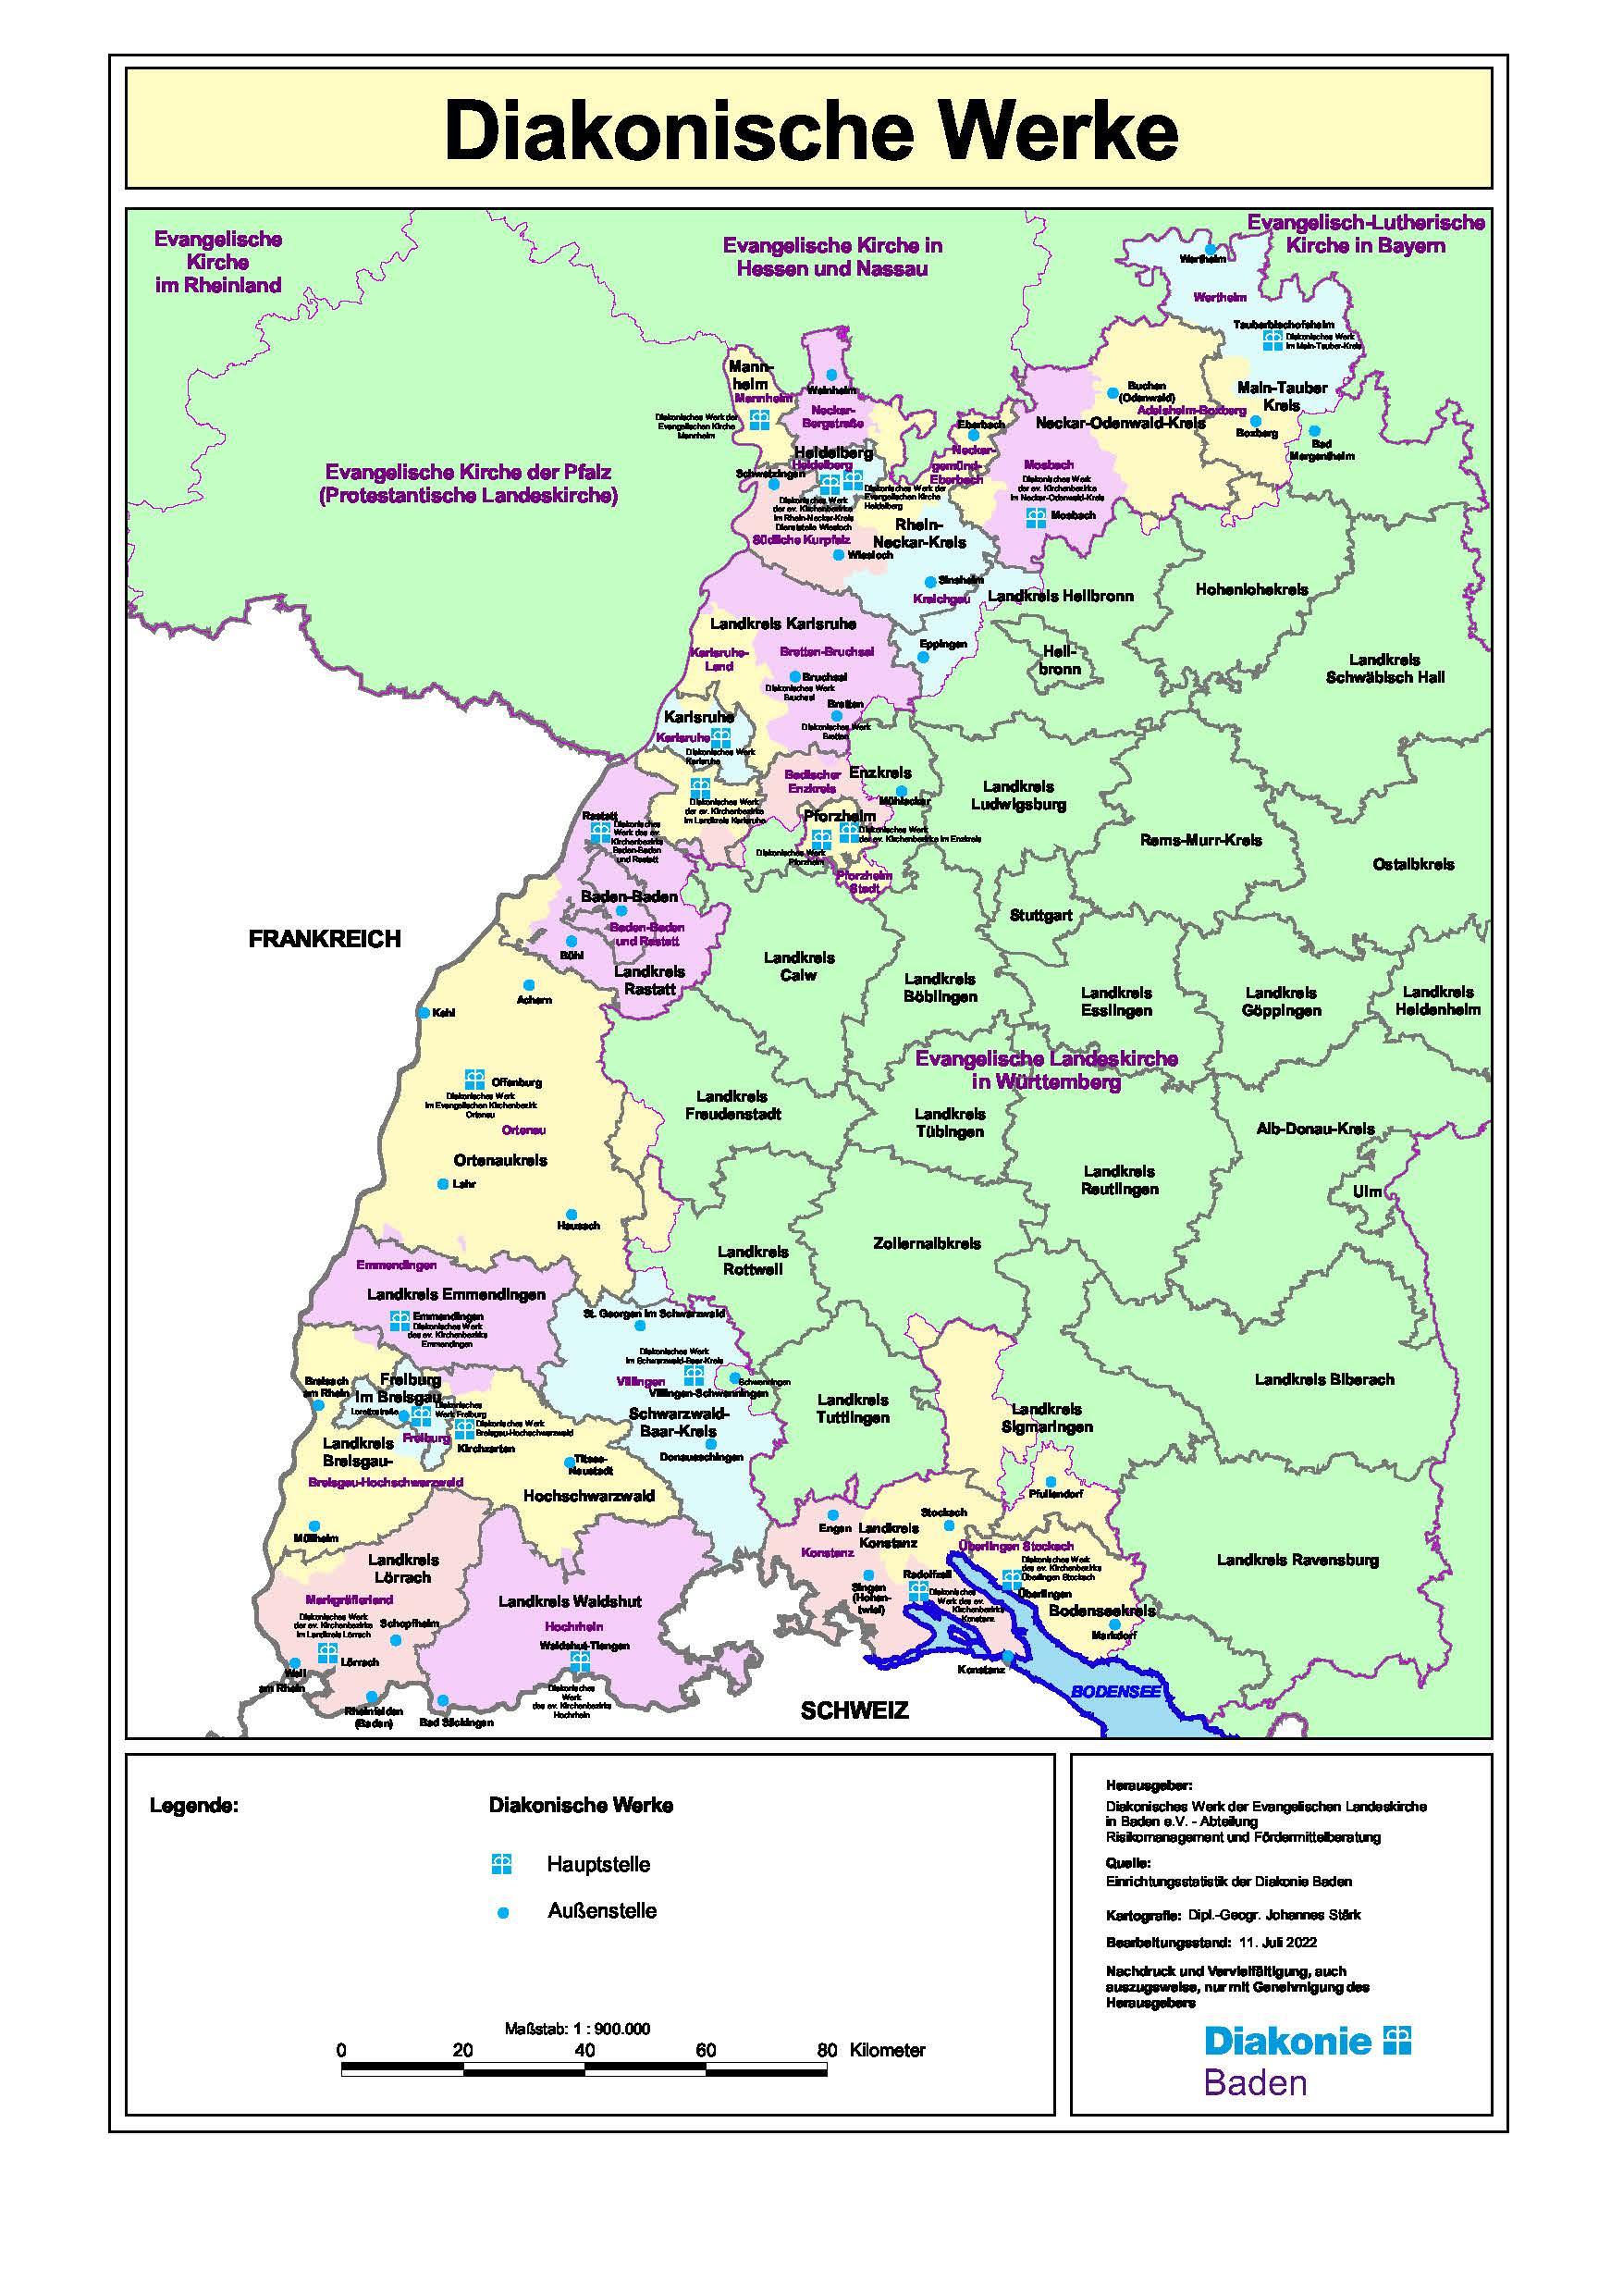 Karte Der Diakonischen Werke In Baden Diakonie Baden